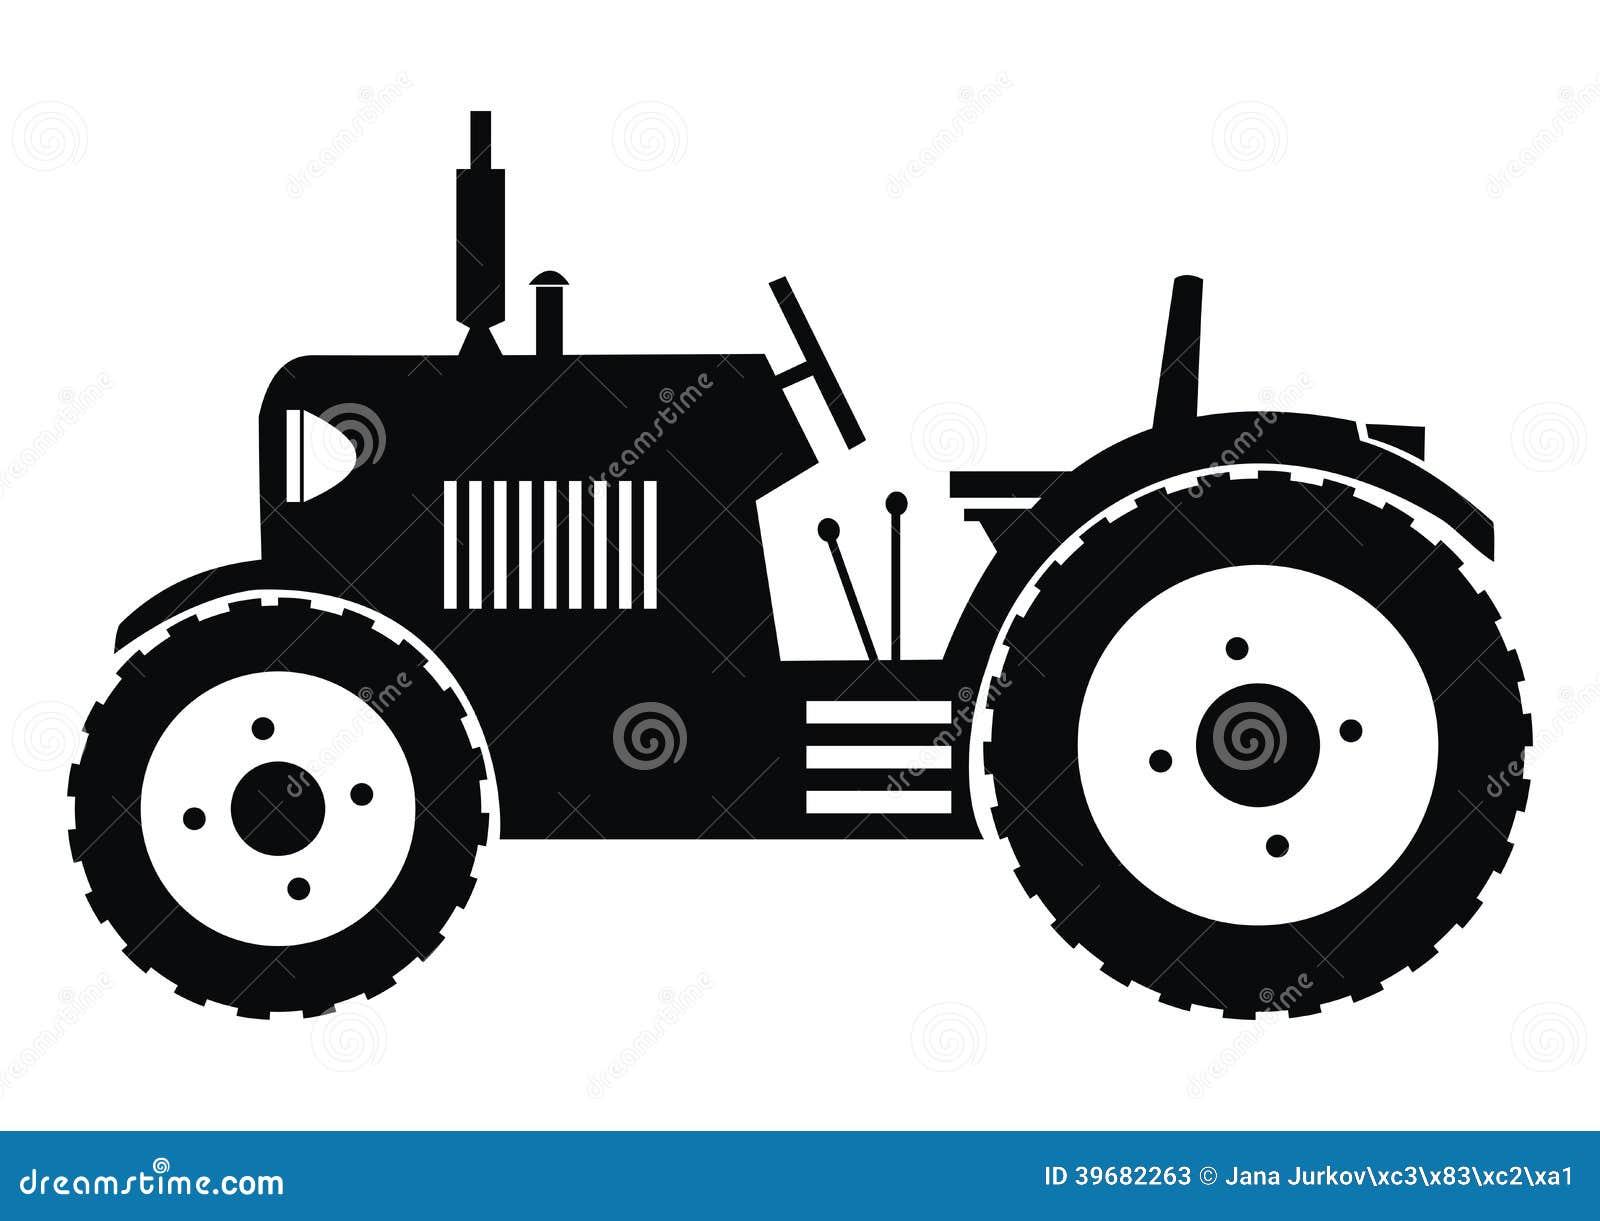 steamroller clipart